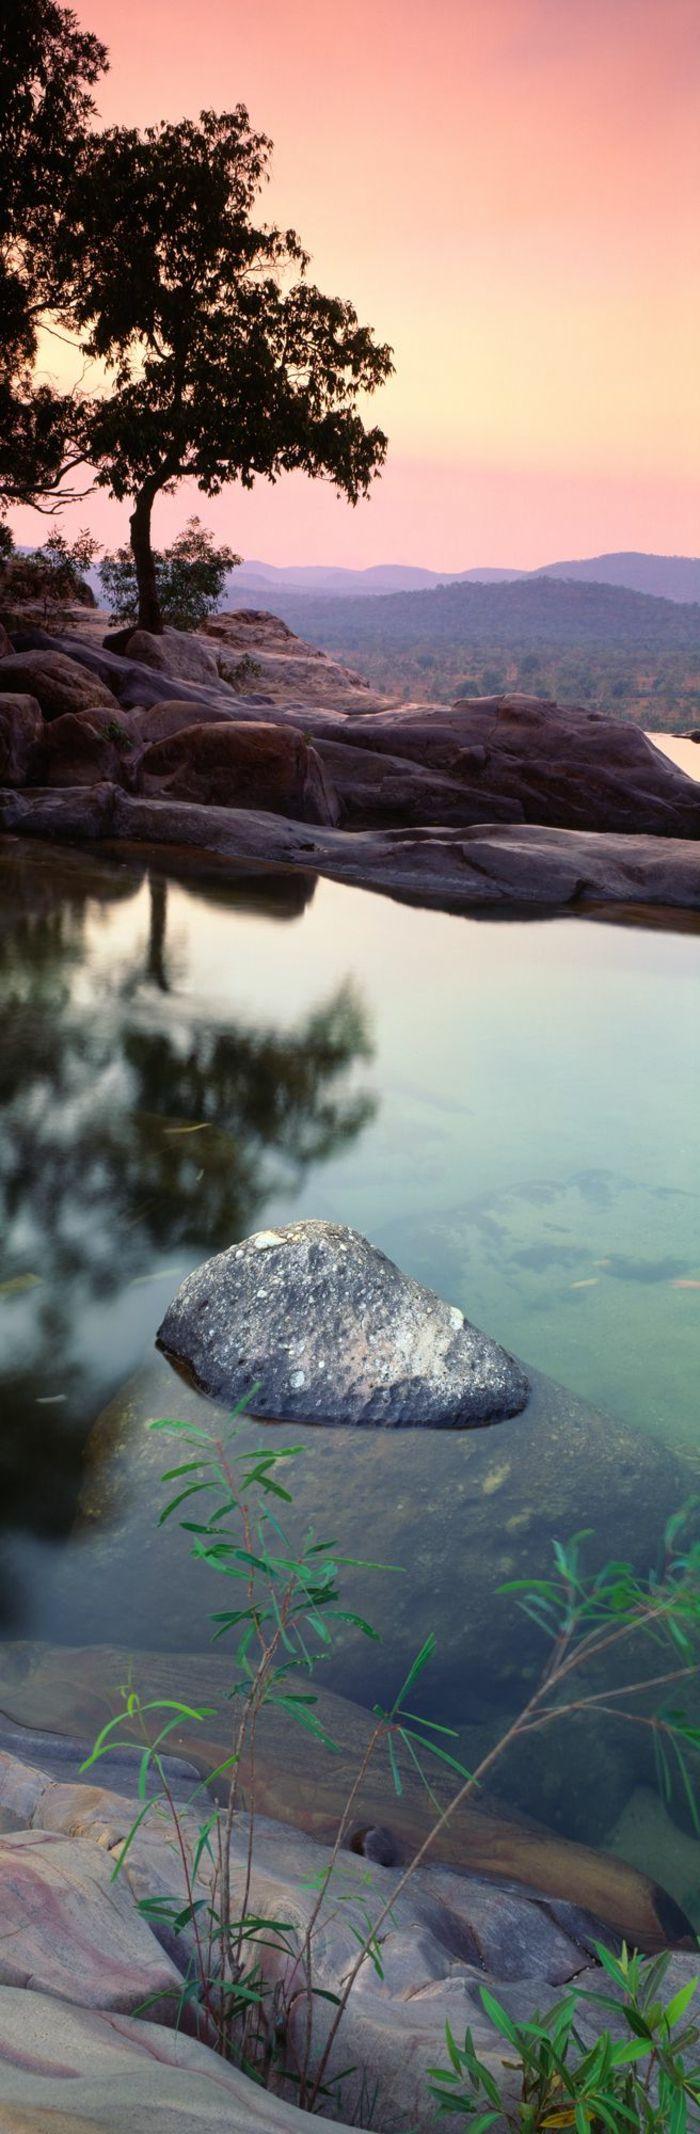 un joli paysage montagne pour votre fond ecran gratuit a telecharger